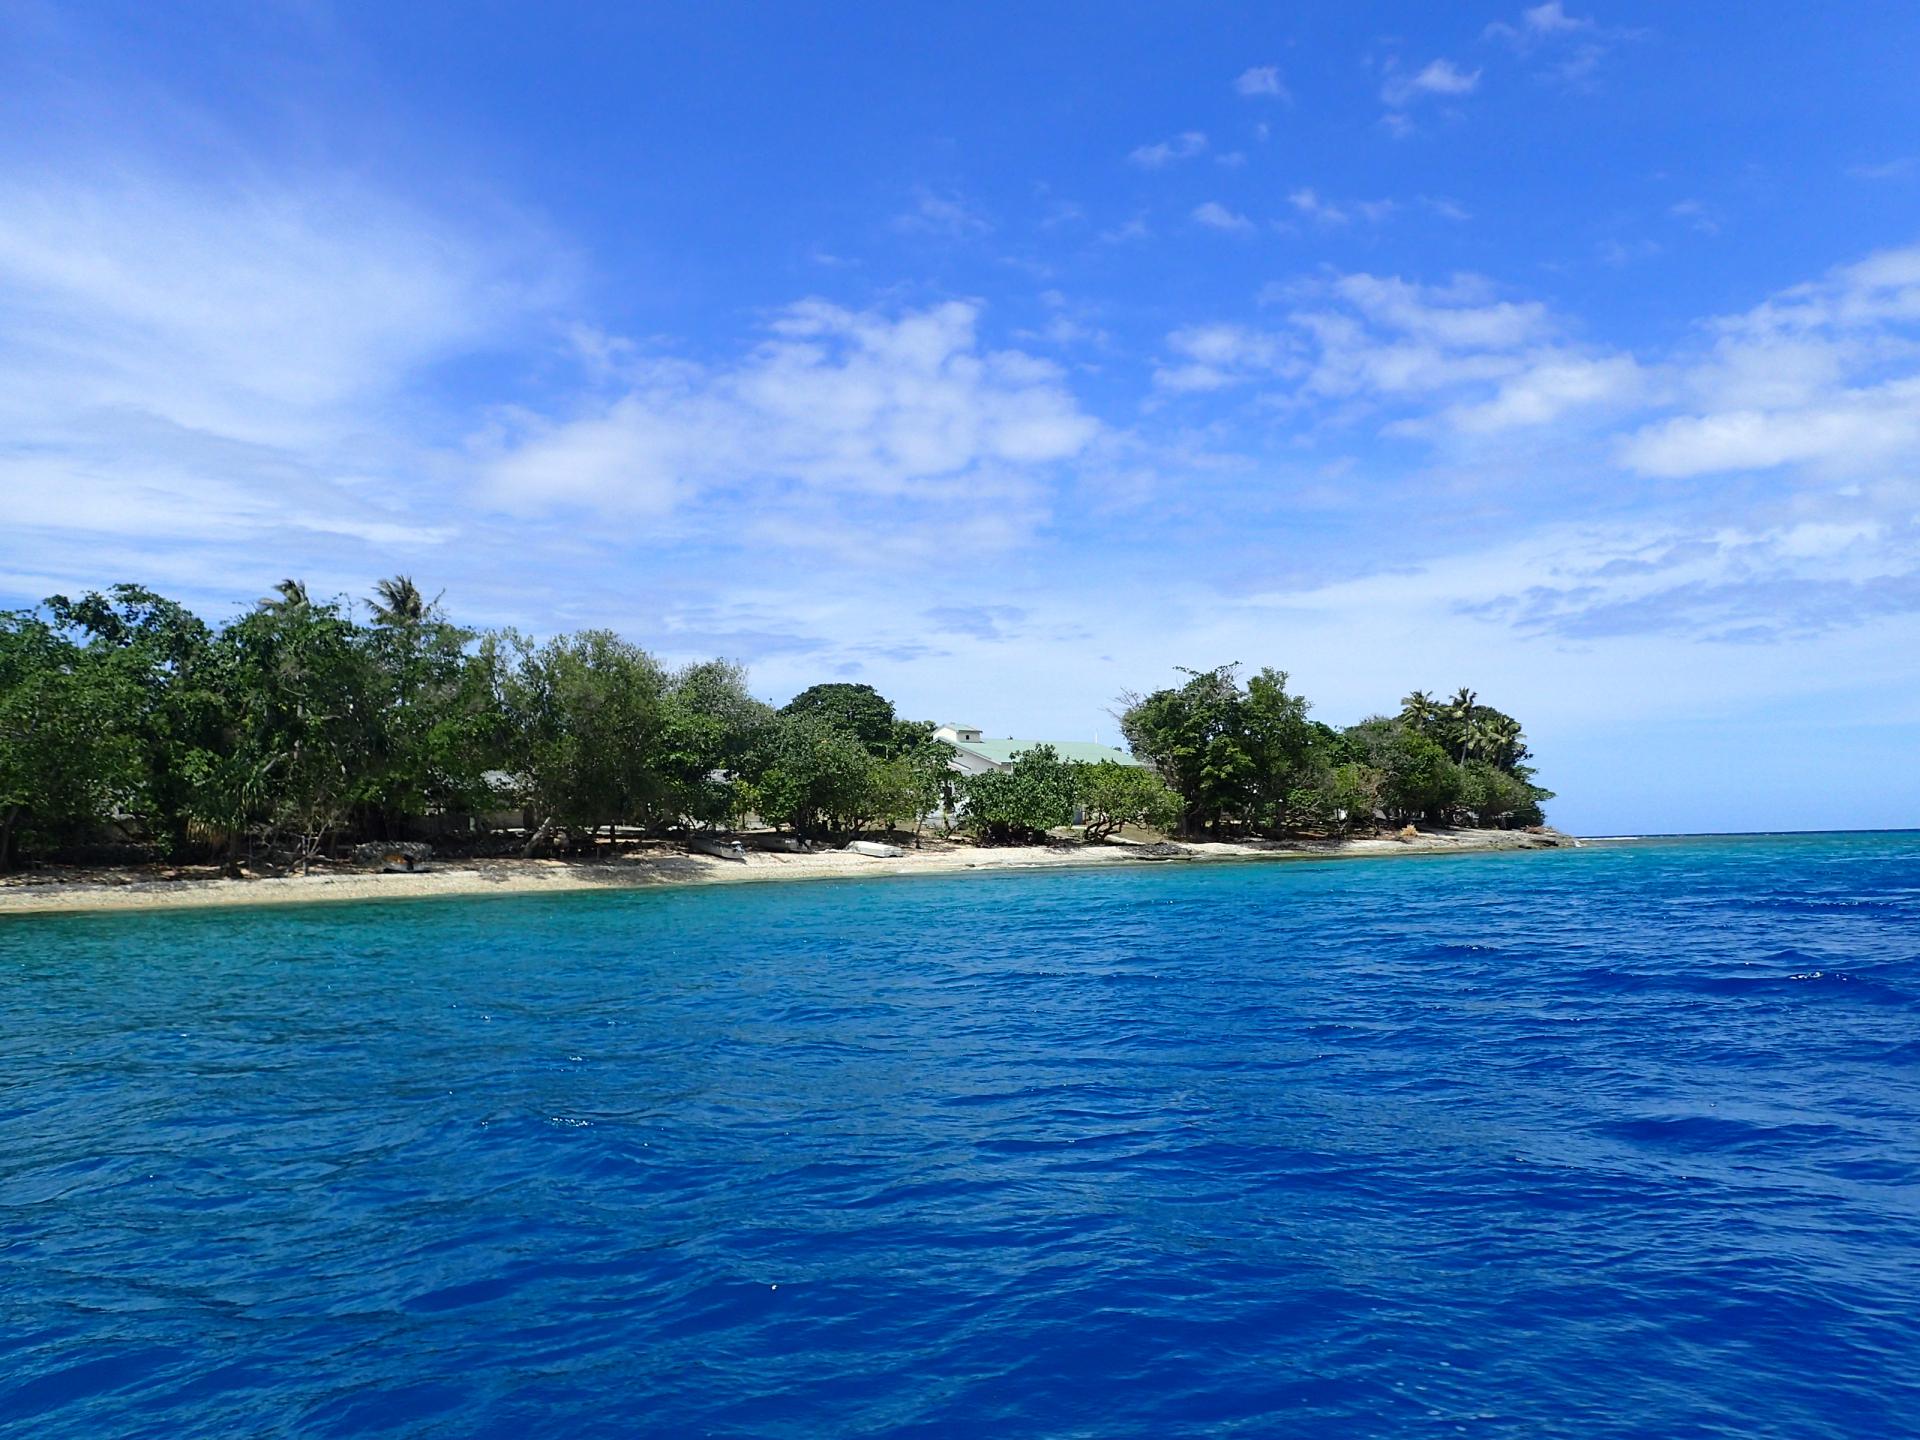 (キャプション)海は、世界の食料や経済を支えてきた